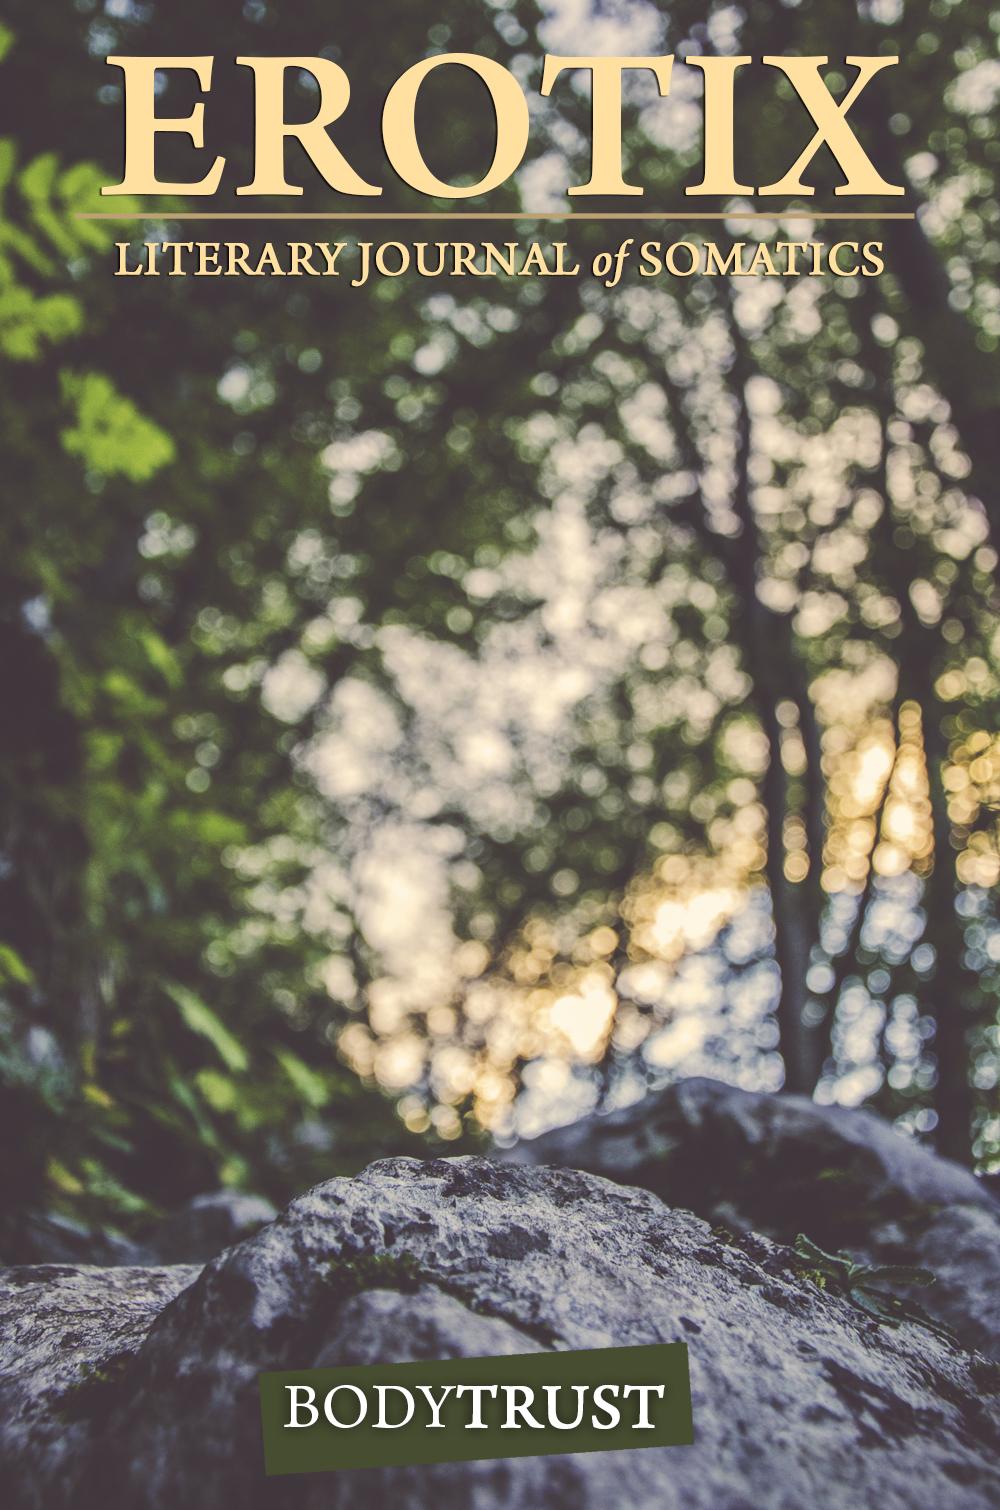 Erotix: Literary Journal of Somatics